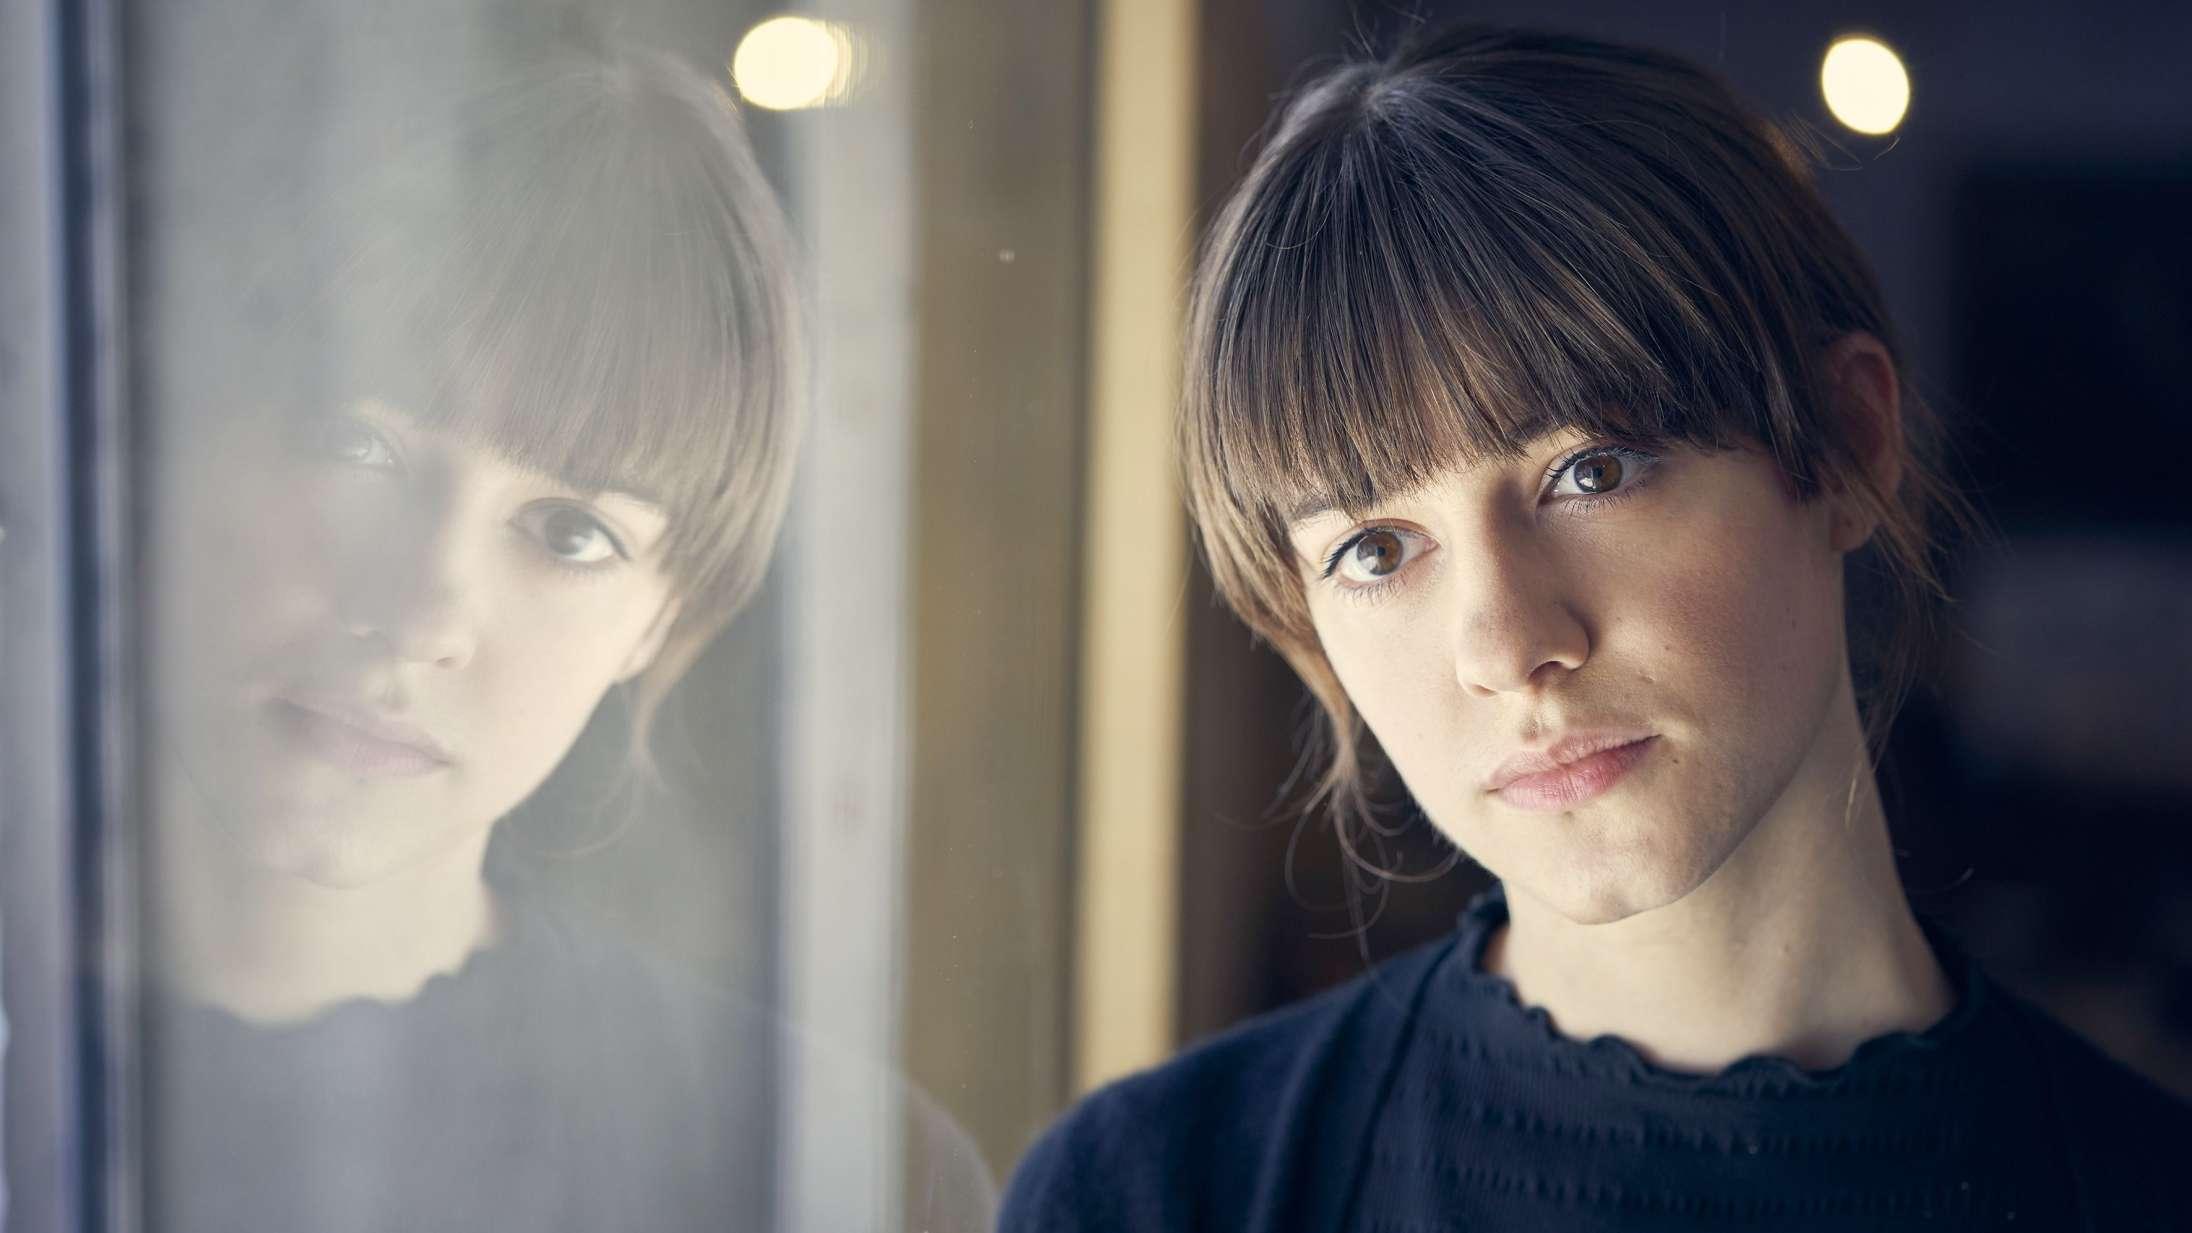 'Normale mennesker': Serien baseret på Sally Rooneys romanfænomen er loyal og lækker